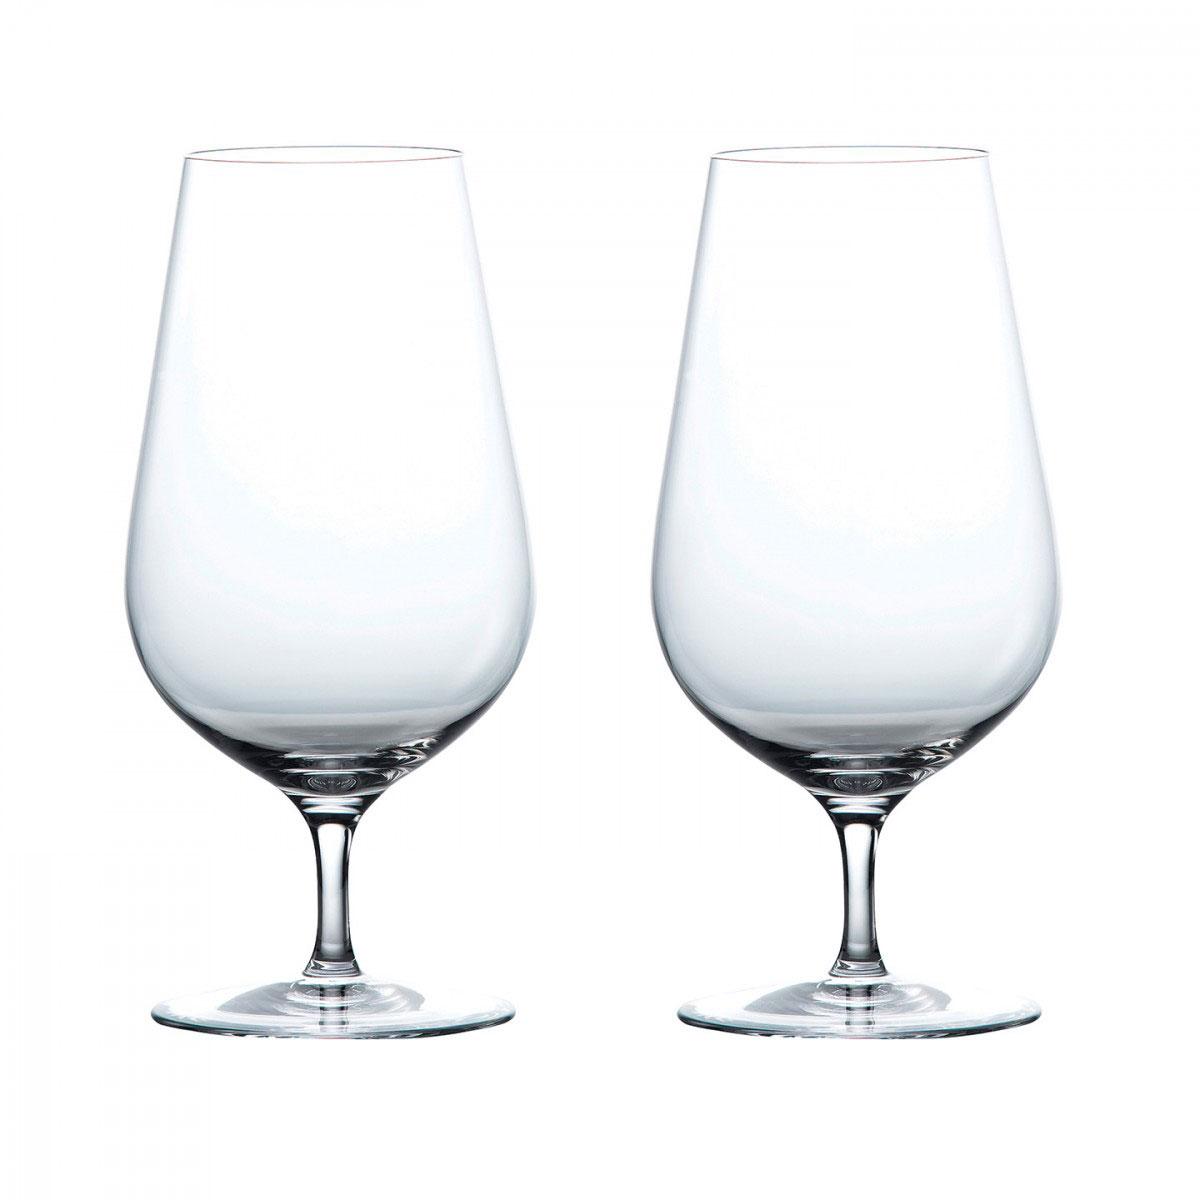 Wedgwood Crystal Globe Crystal Iced Beverage Crystal Glasses, Pair